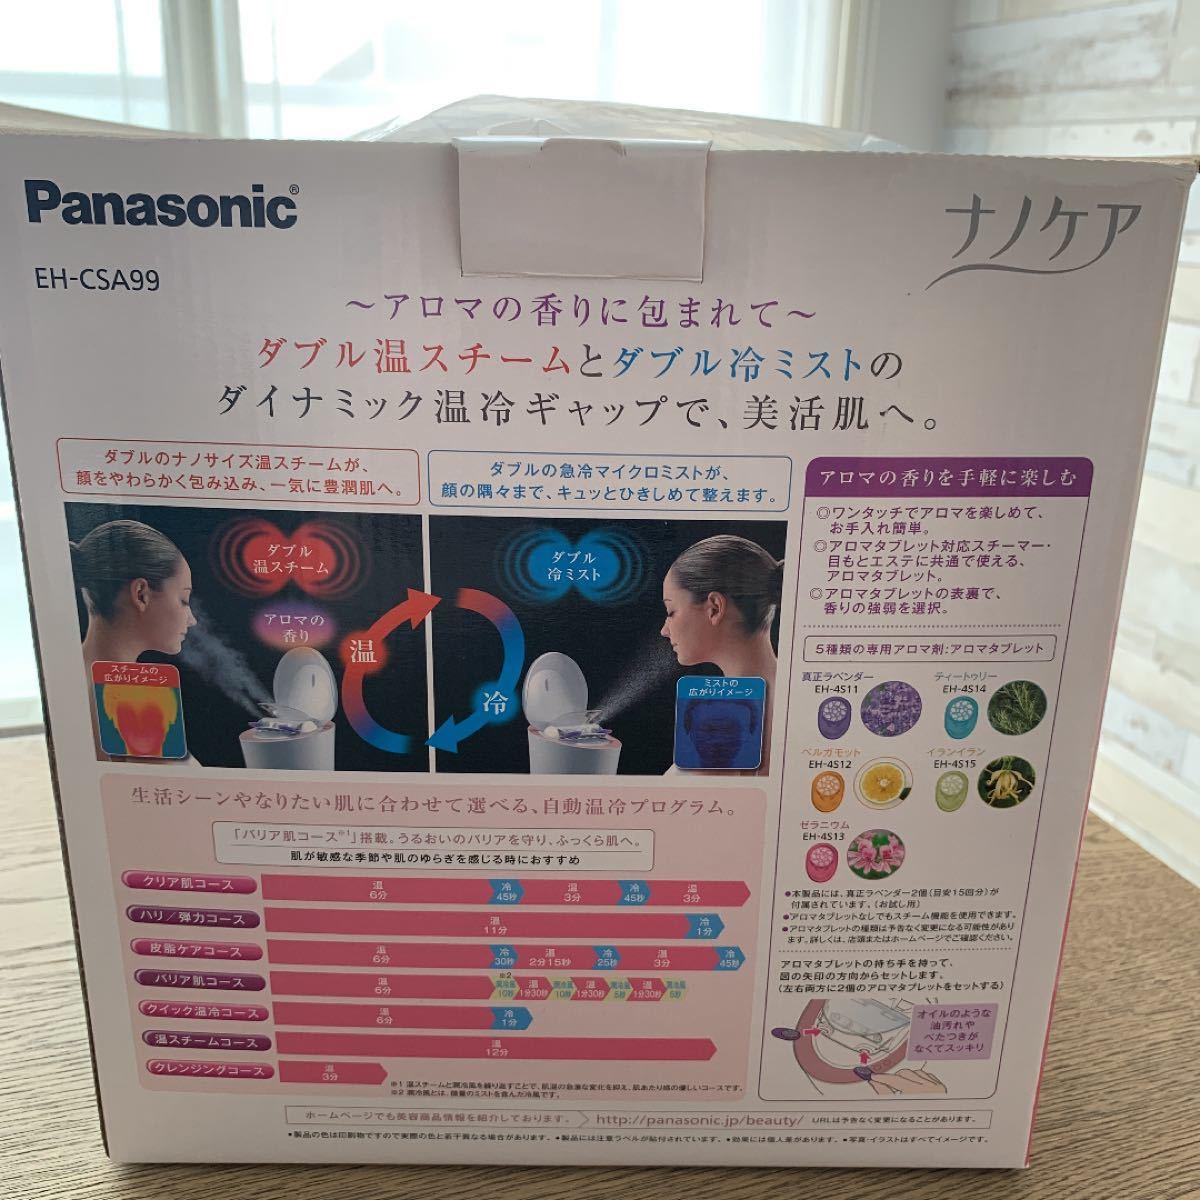 EH-CSA99 パナソニックスチーマーナノケア Panasonic